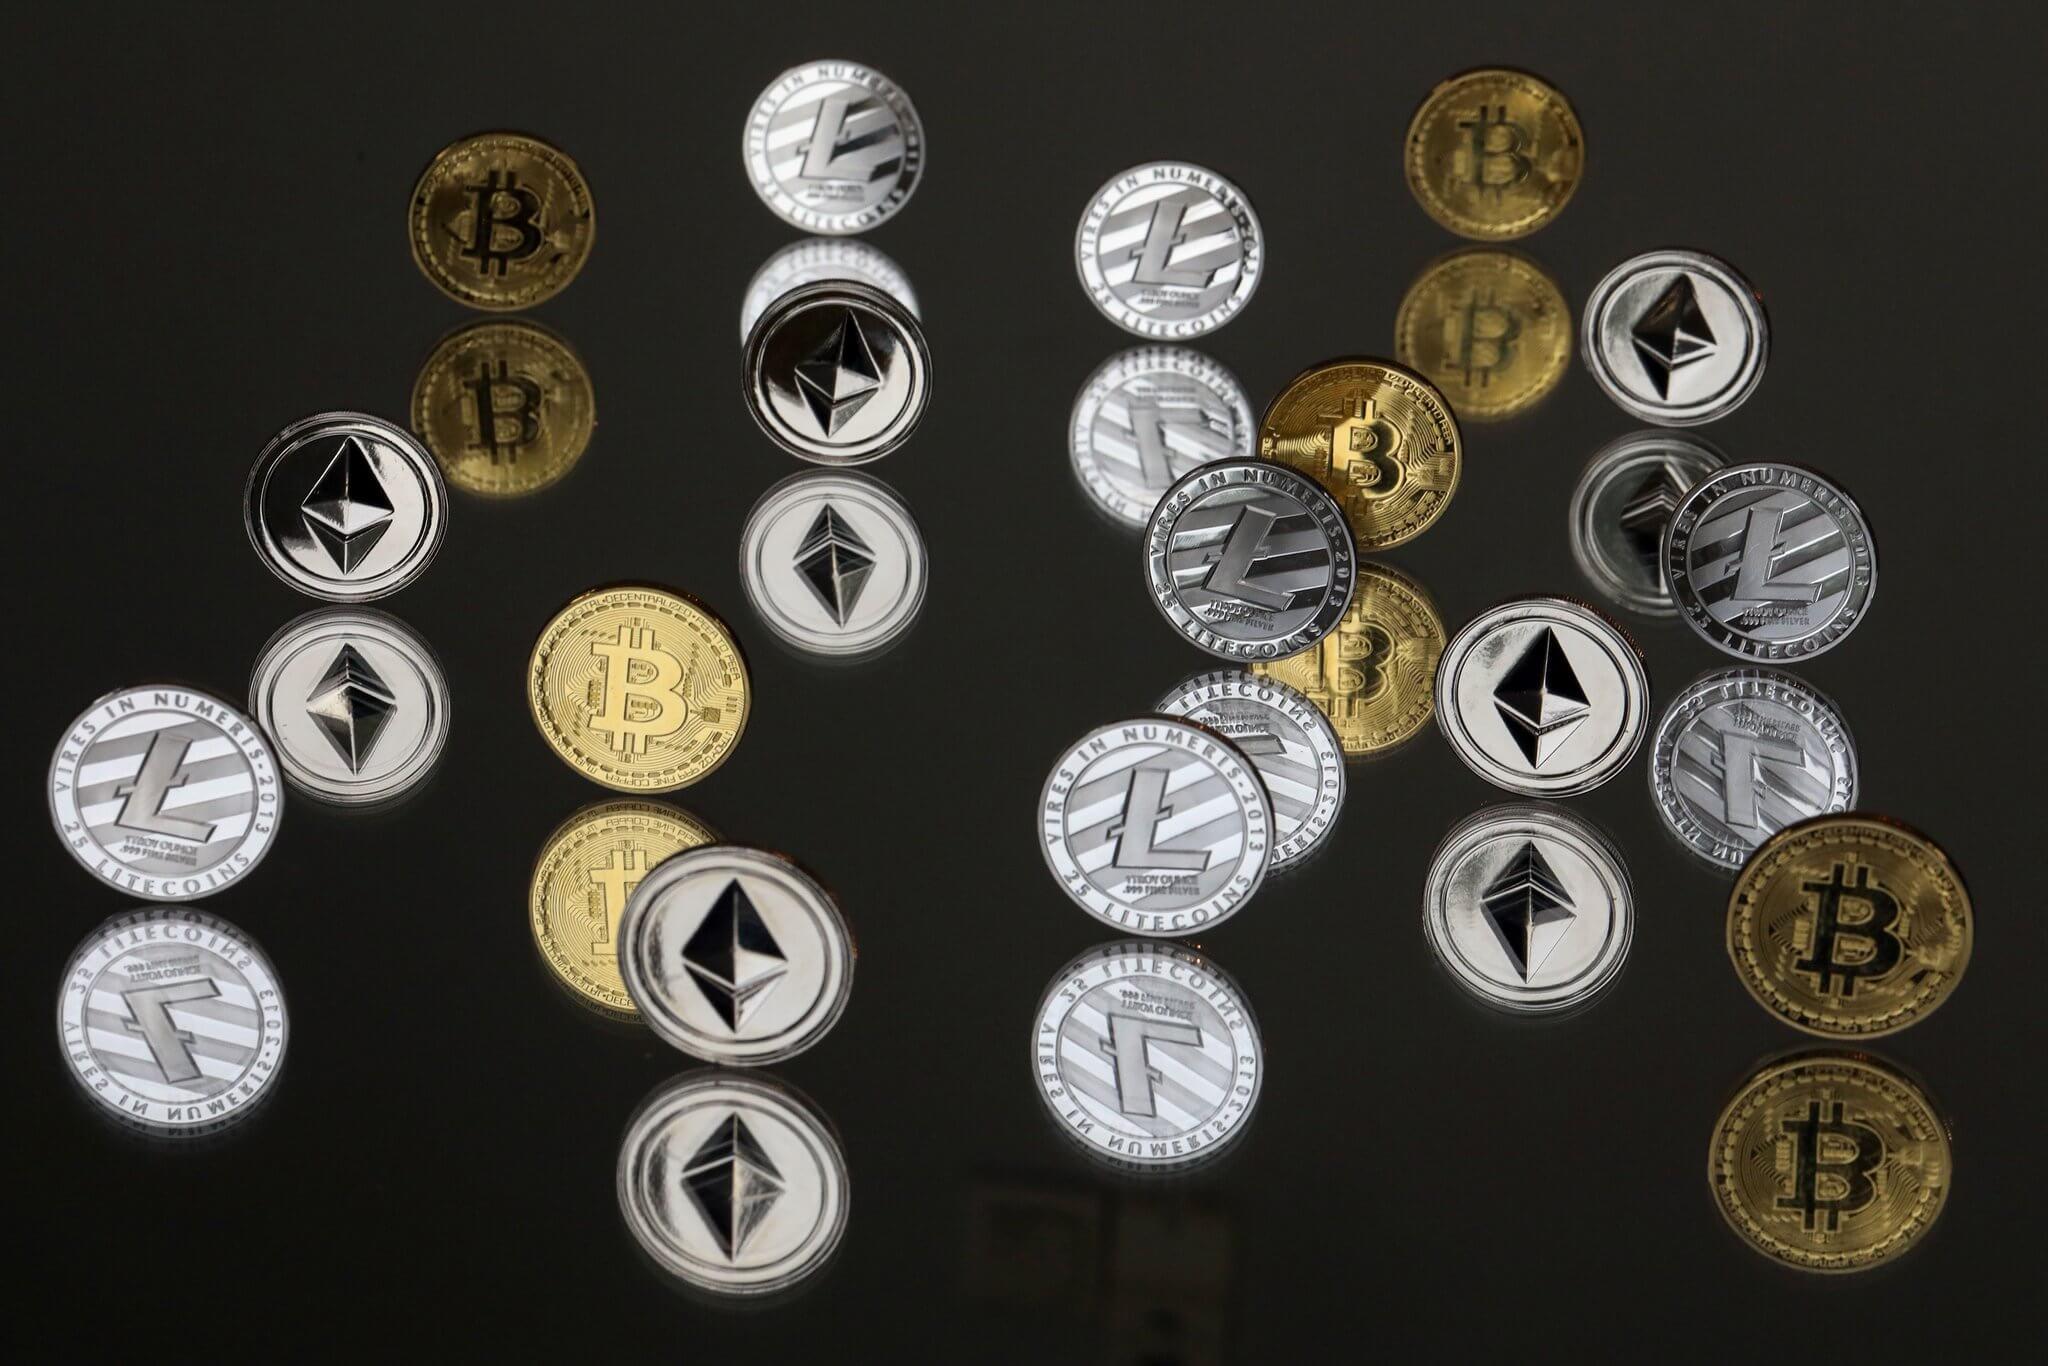 Coin ile Token Arasındaki Farklar Nelerdir